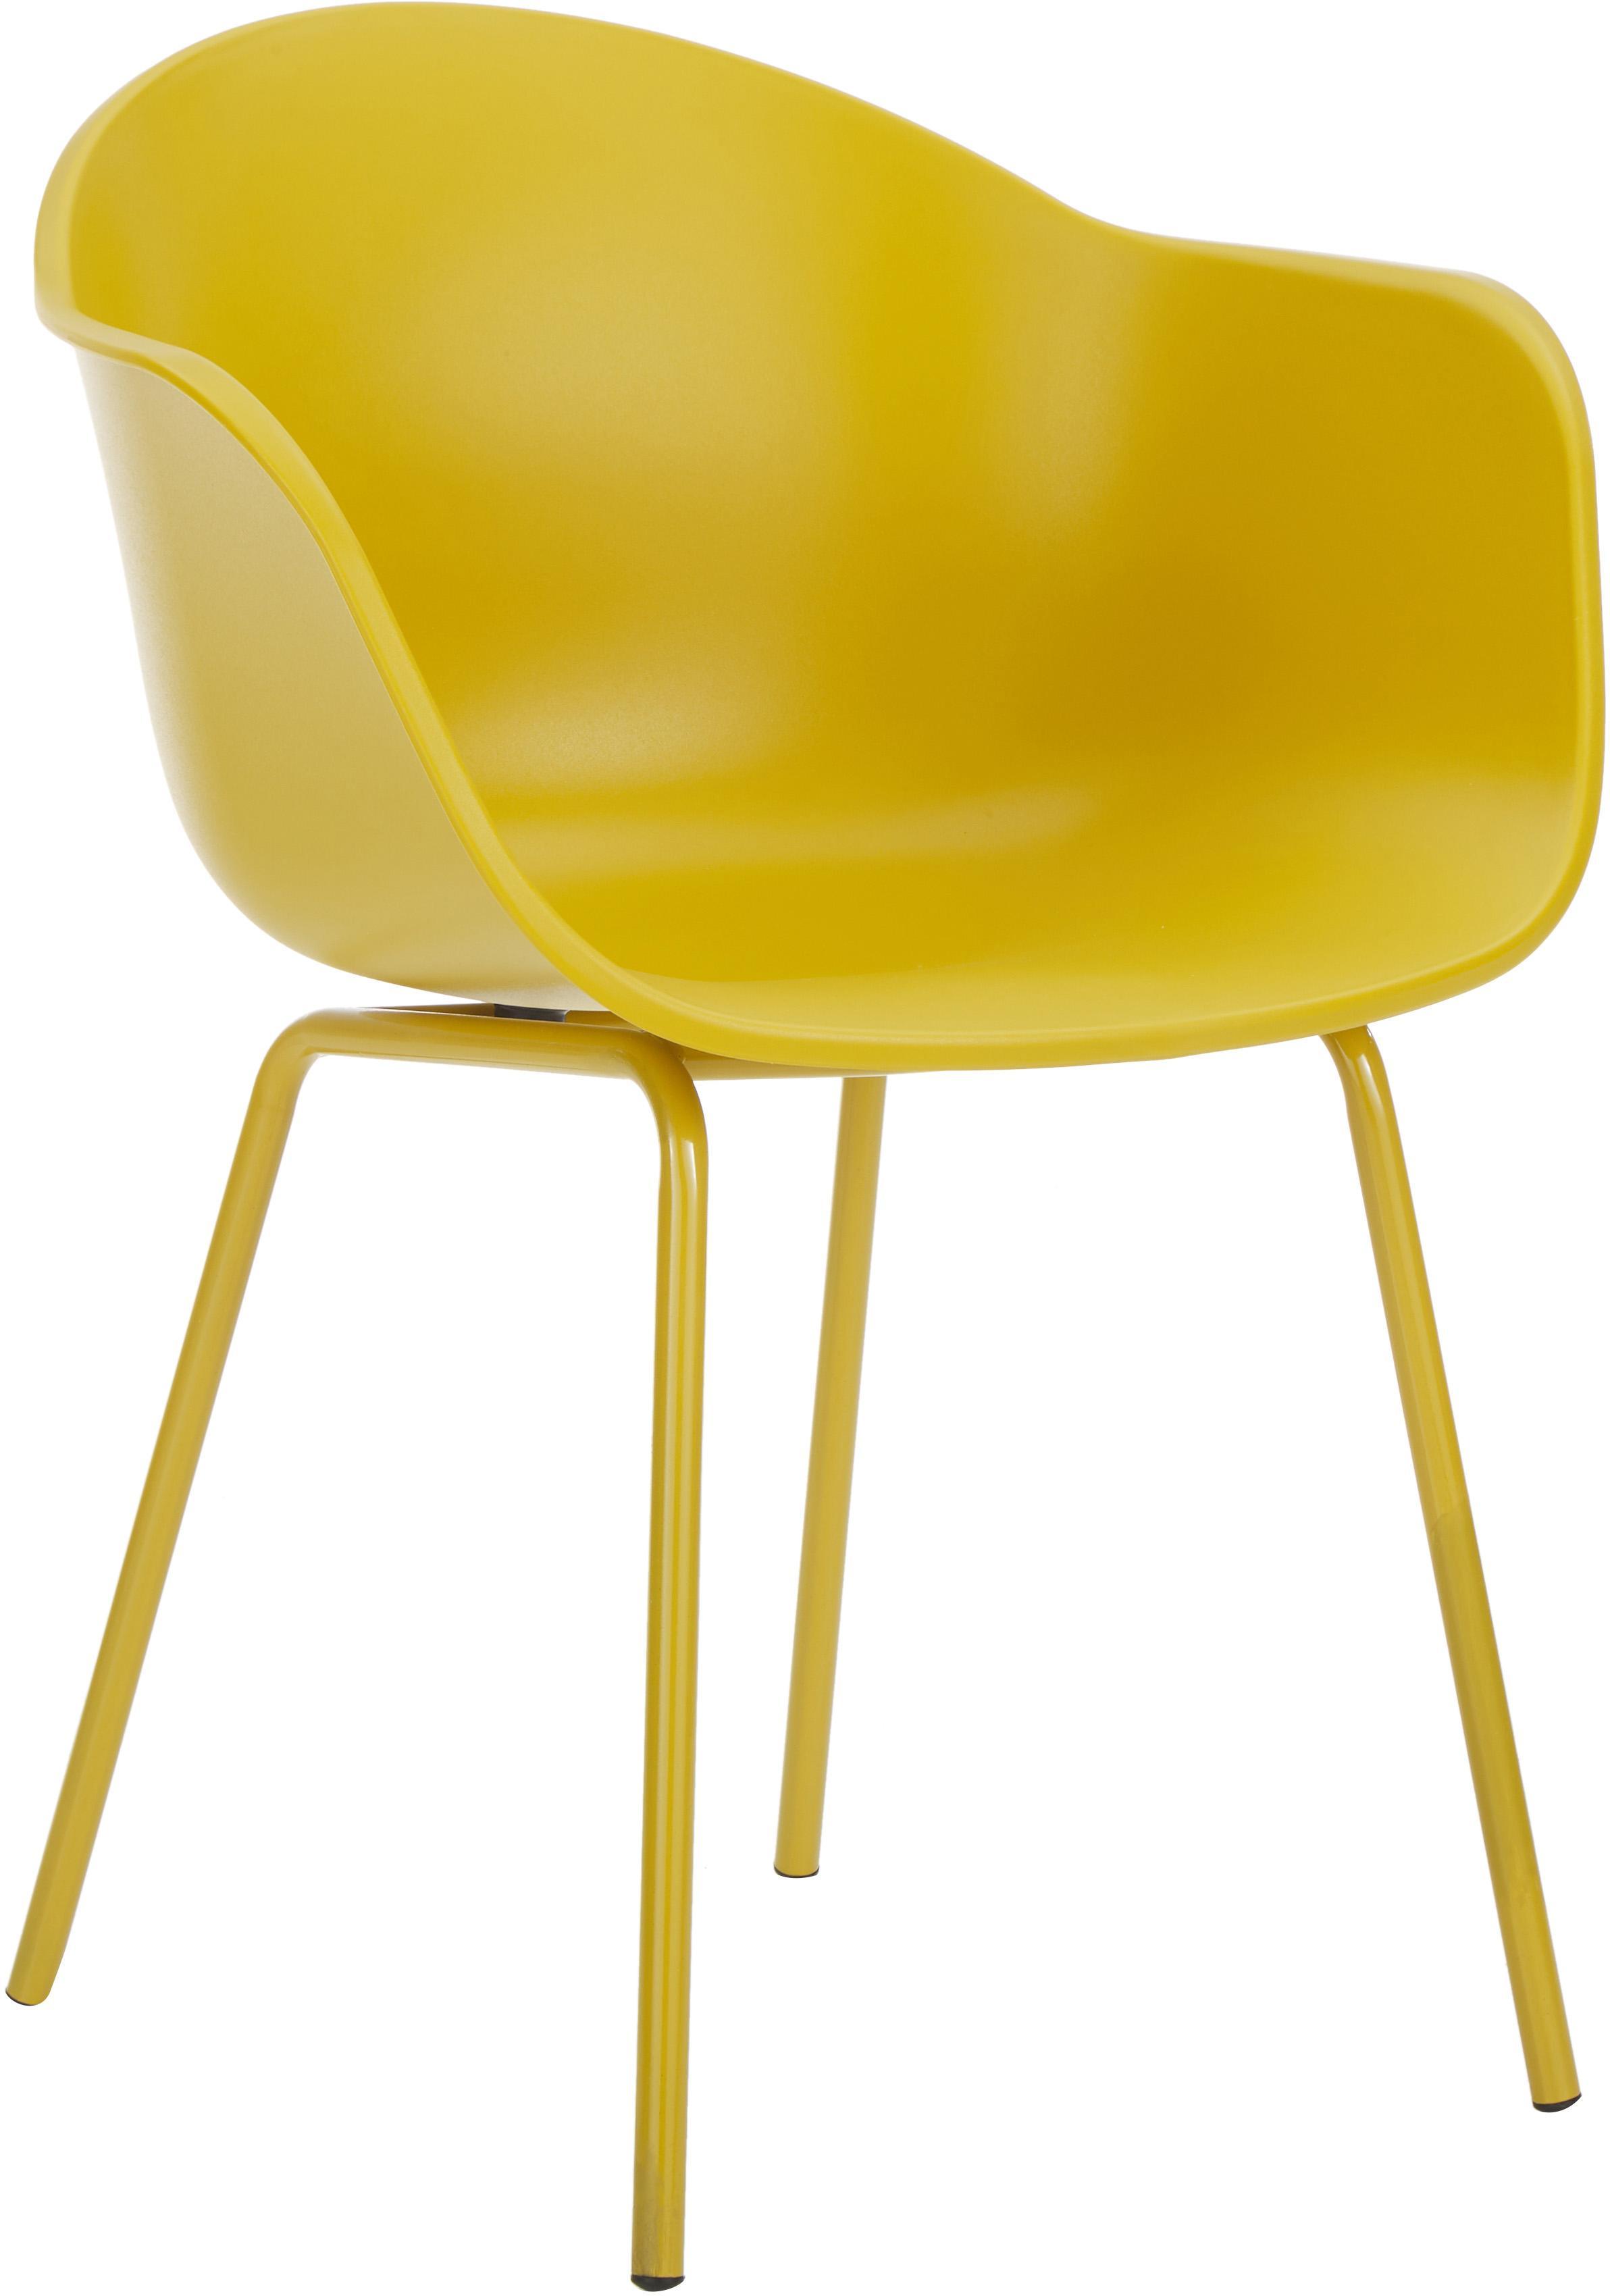 Krzesło z podłokietnikami z tworzywa sztucznego Claire, Nogi: metal malowany proszkowo, Siedzisko: żółty Nogi: żółty, matowy, S 54 x G 60 cm